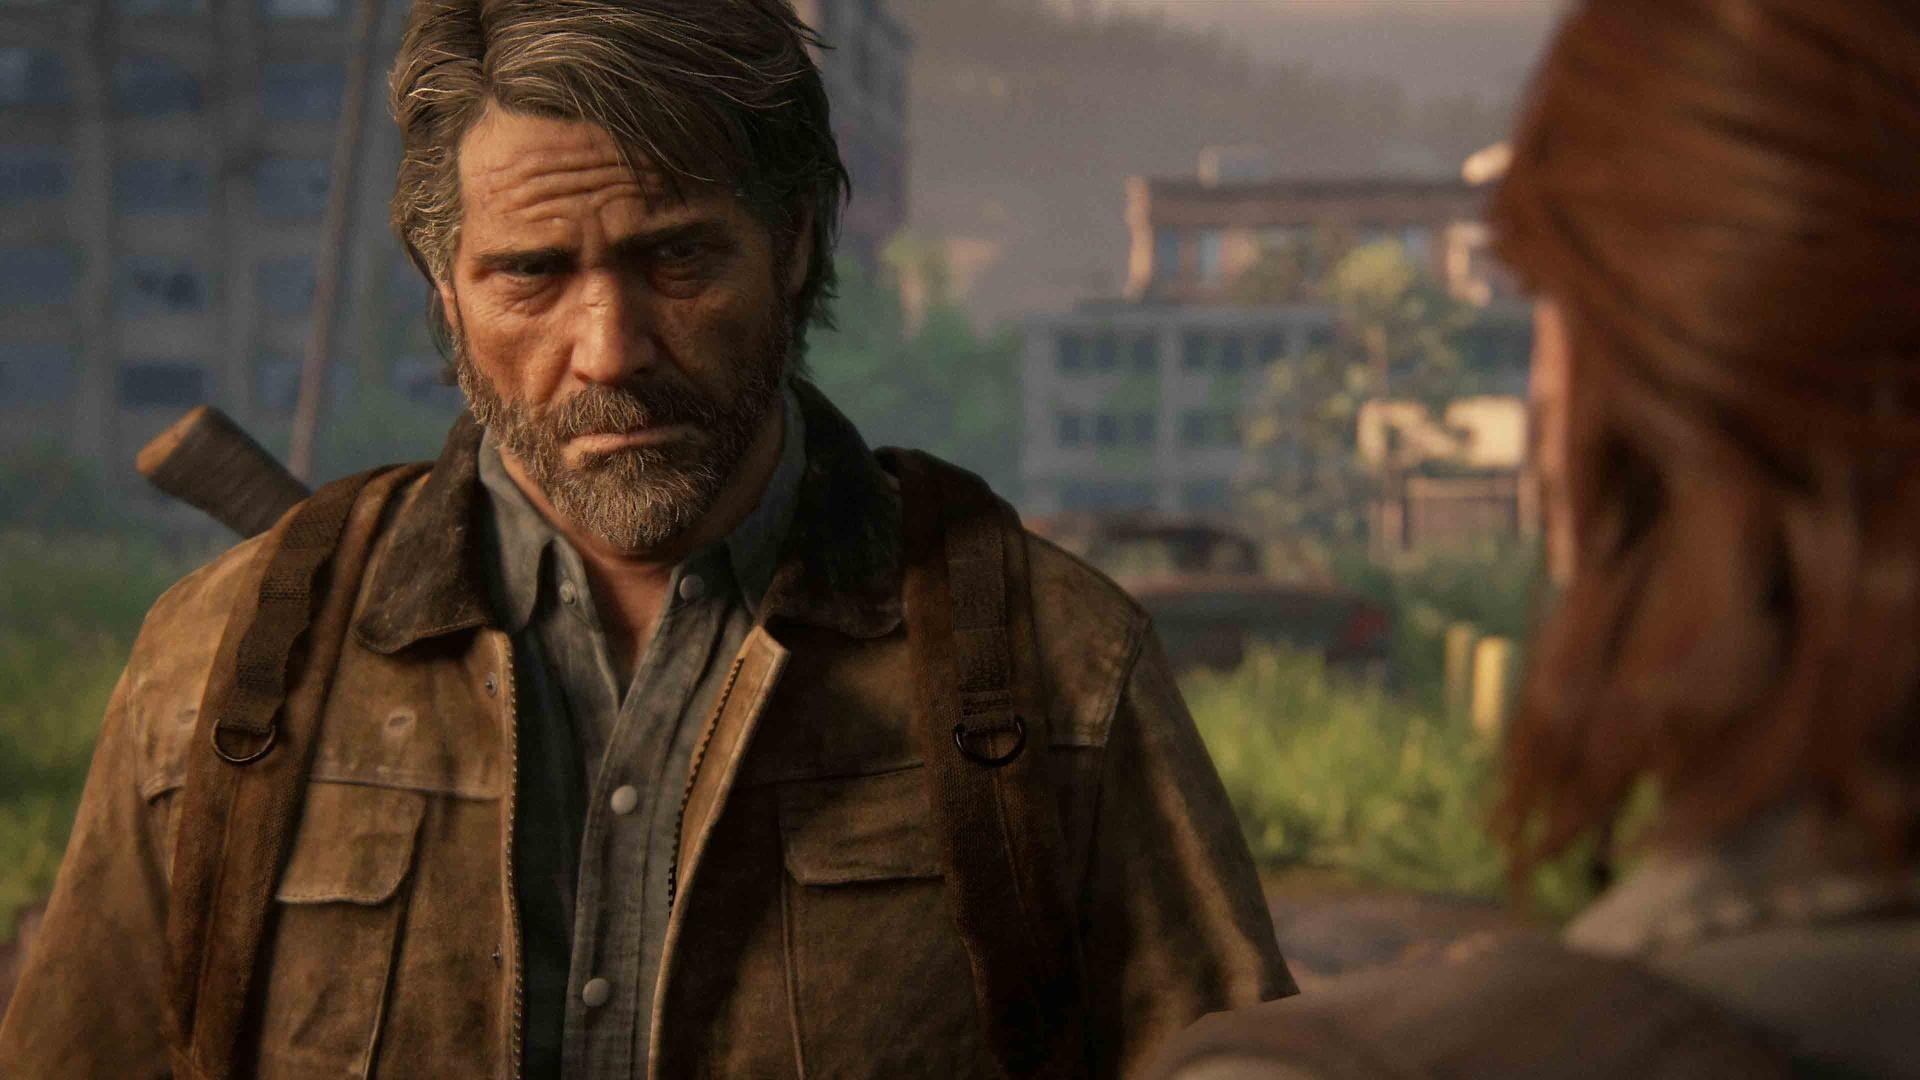 Первый дневник разработчиков The Last of Us: Part II посвятили сюжету игры